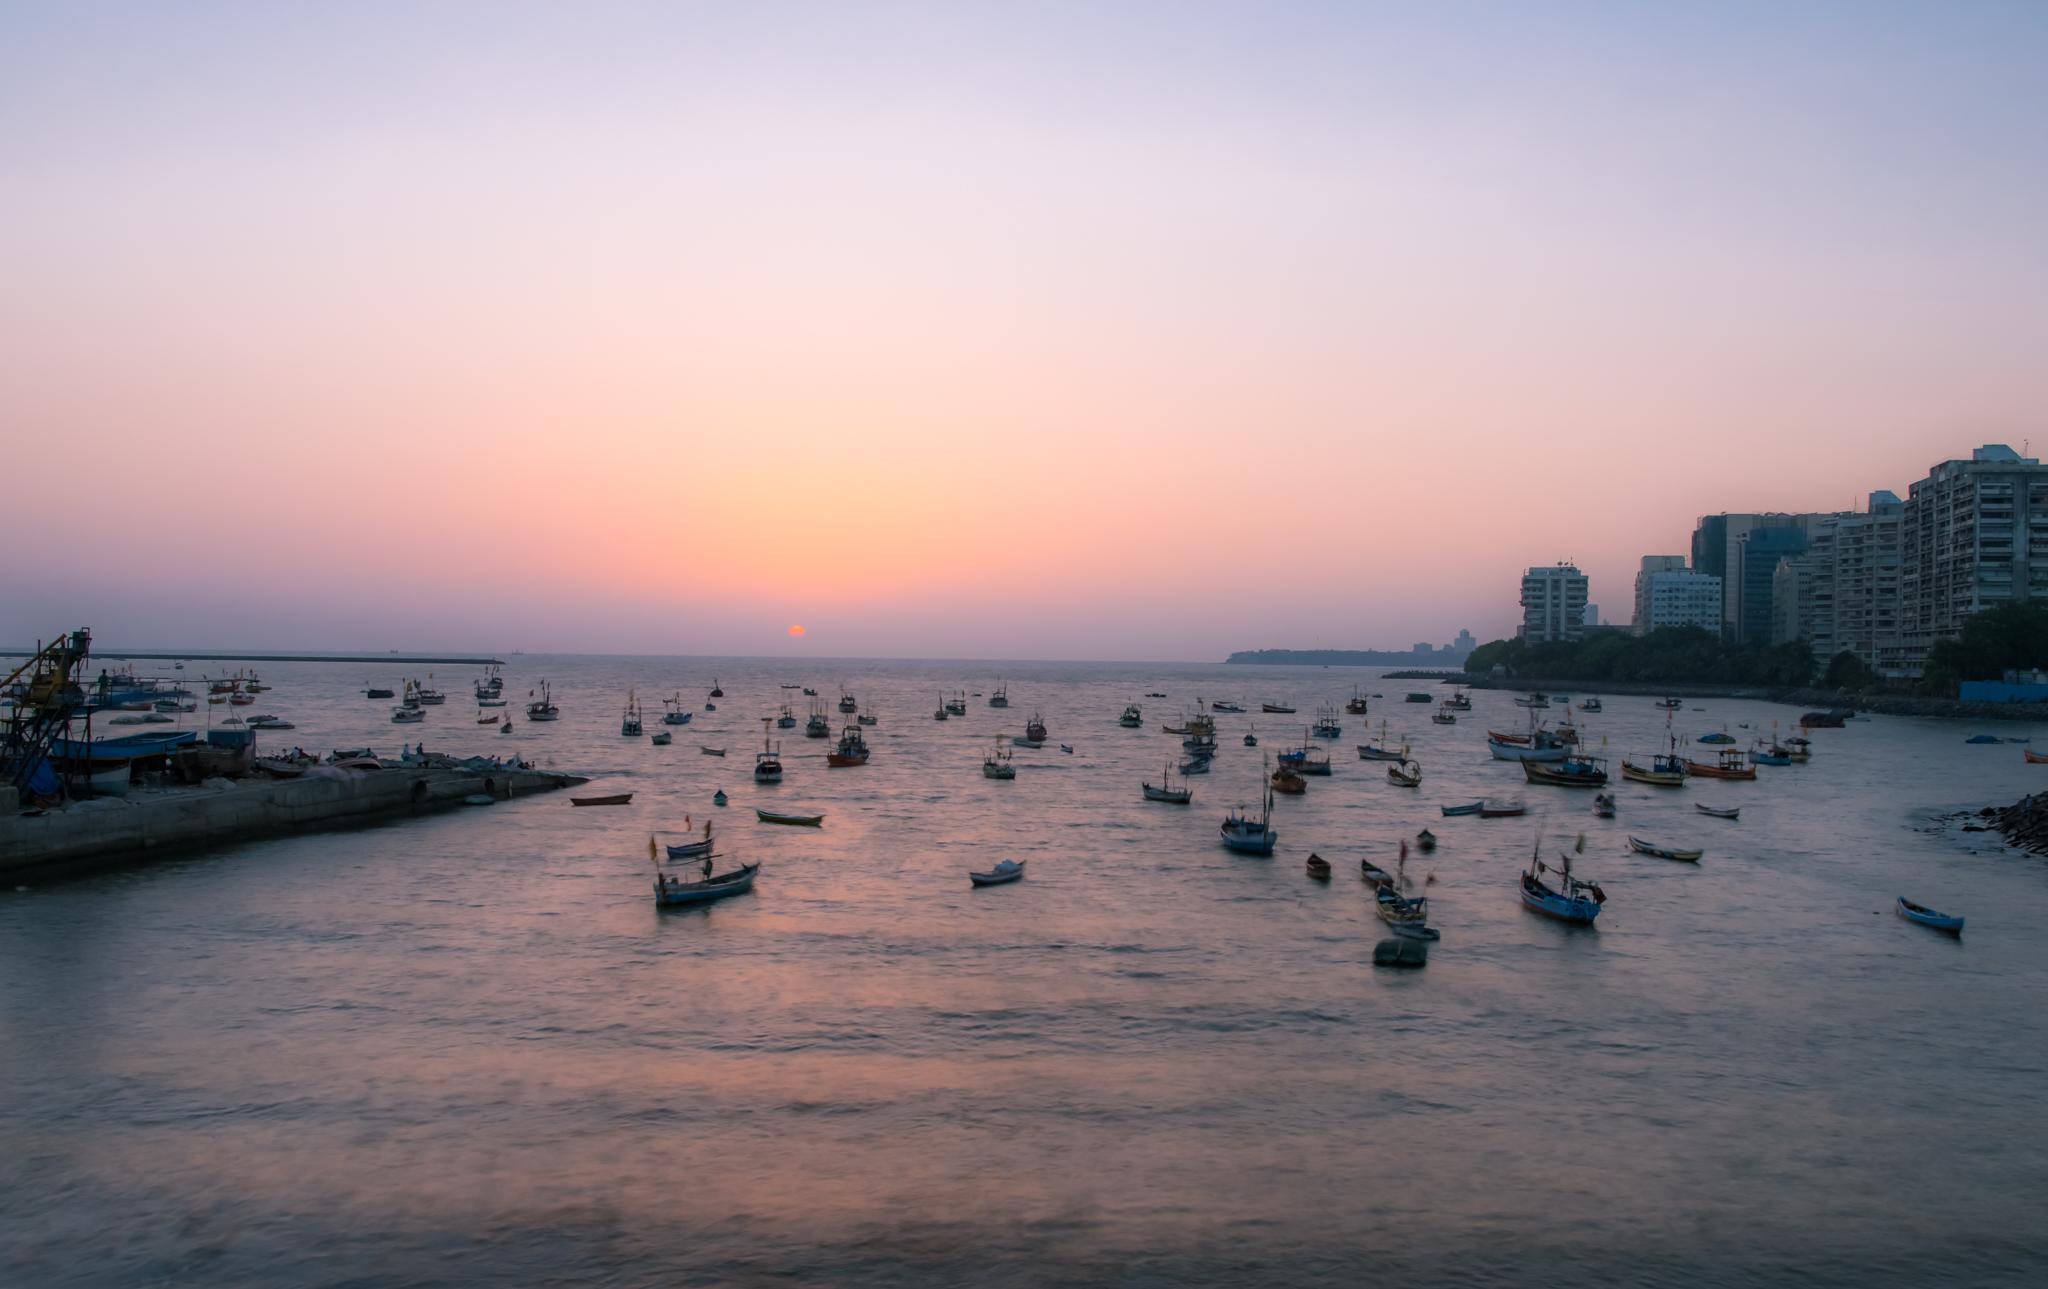 thetravelhub_india_mumbai ocean.jpg